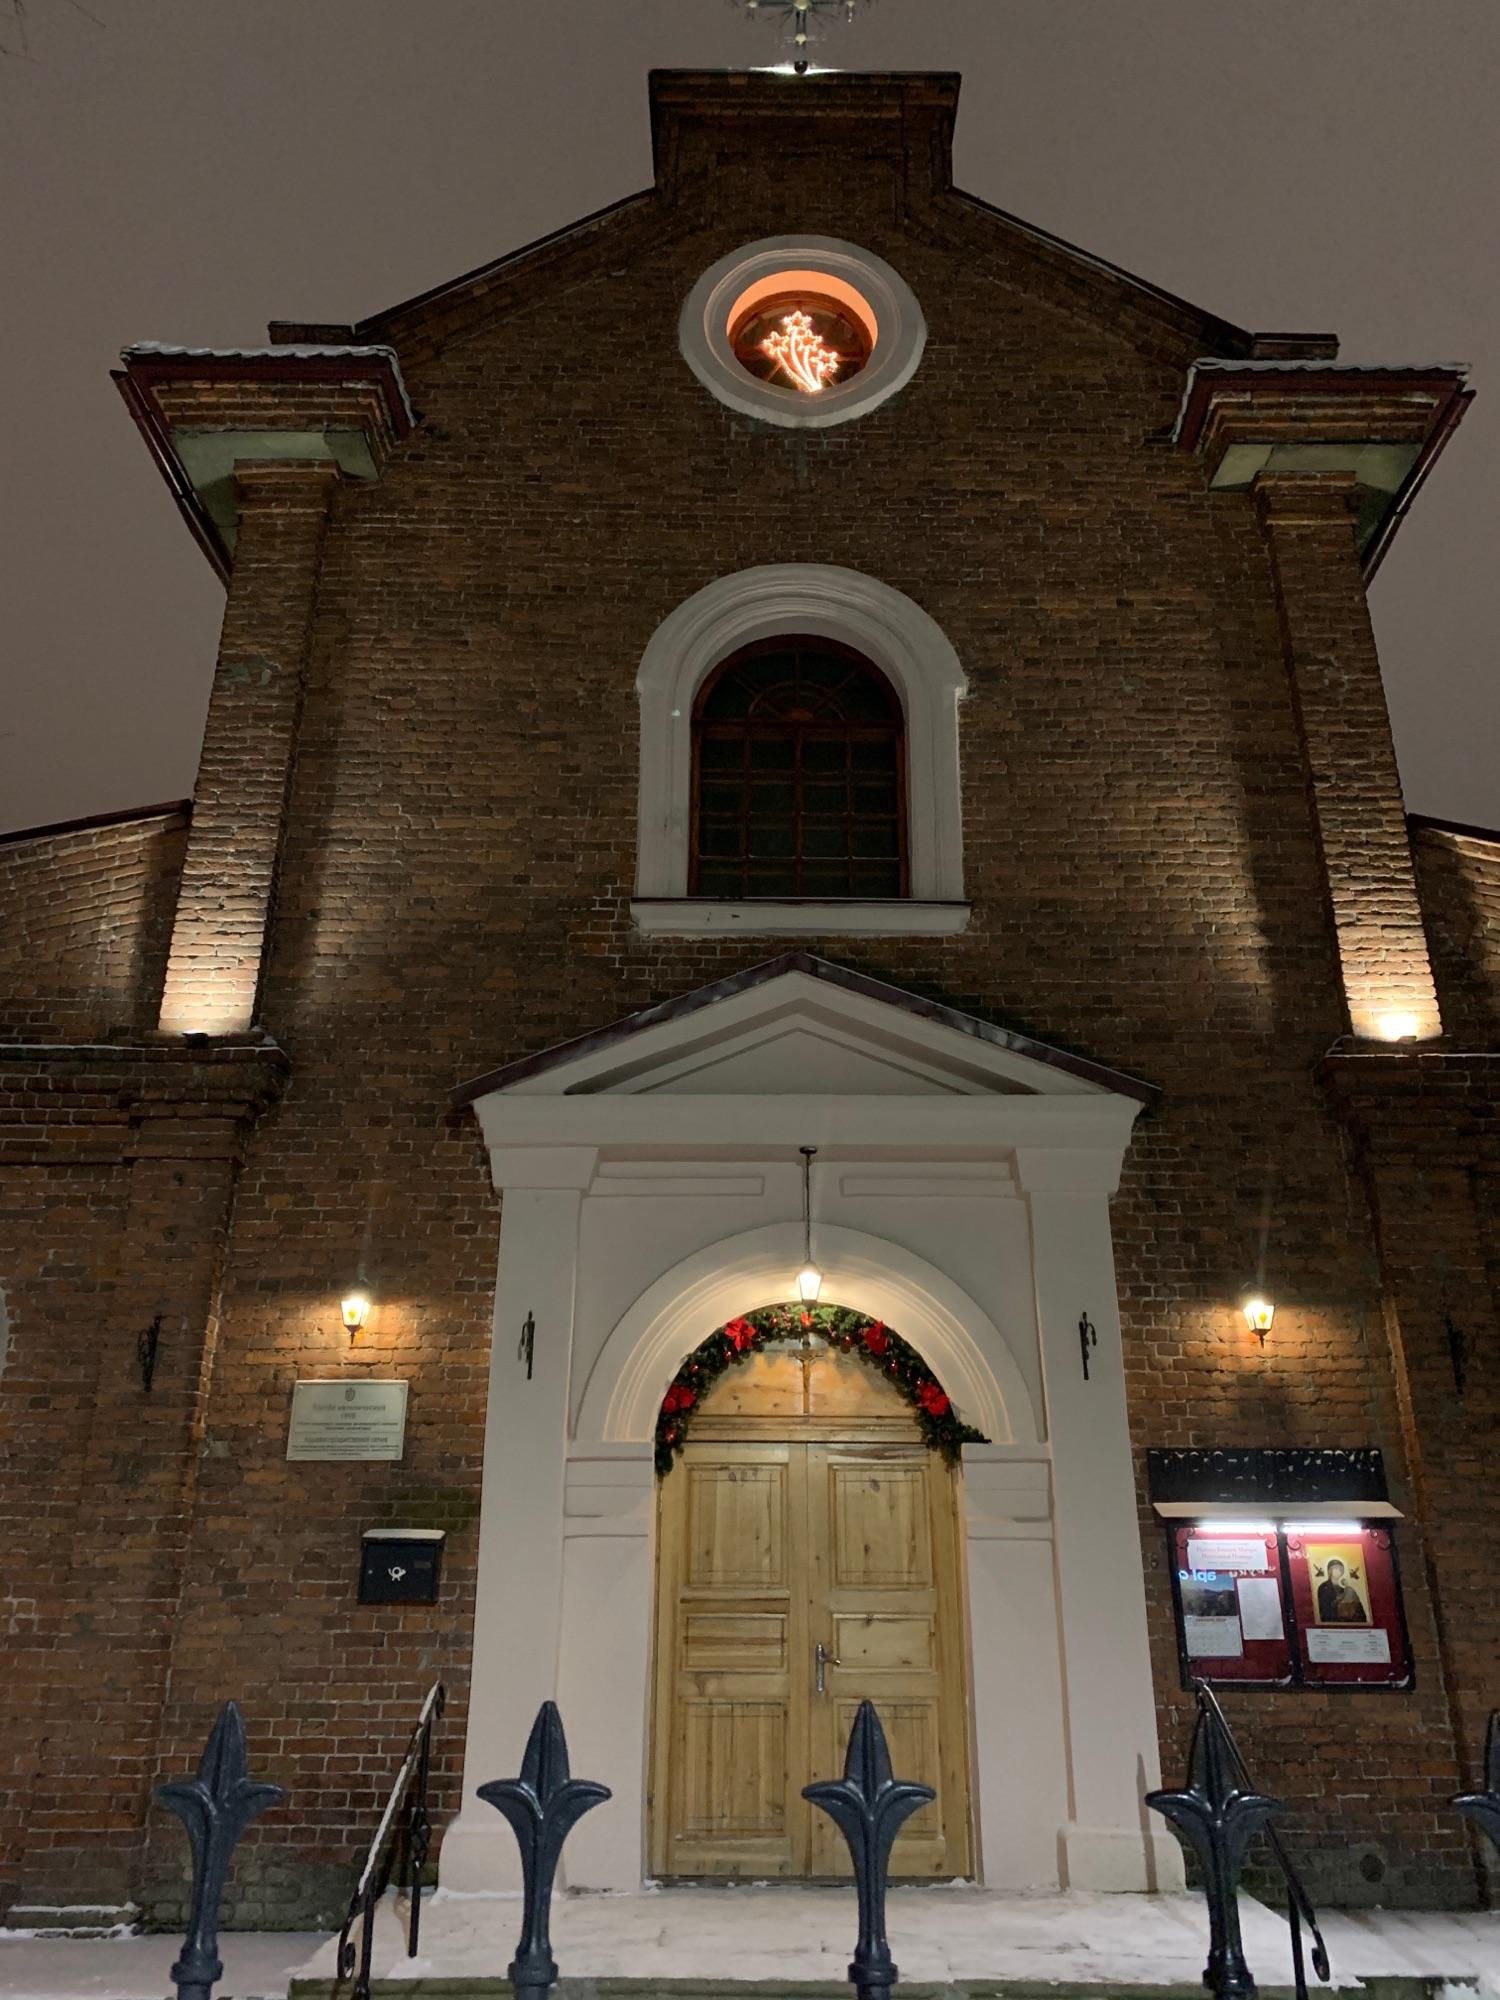 Приход Божьей Матери Неустанной Помощи Римско-католической Церкви в Петрозаводске